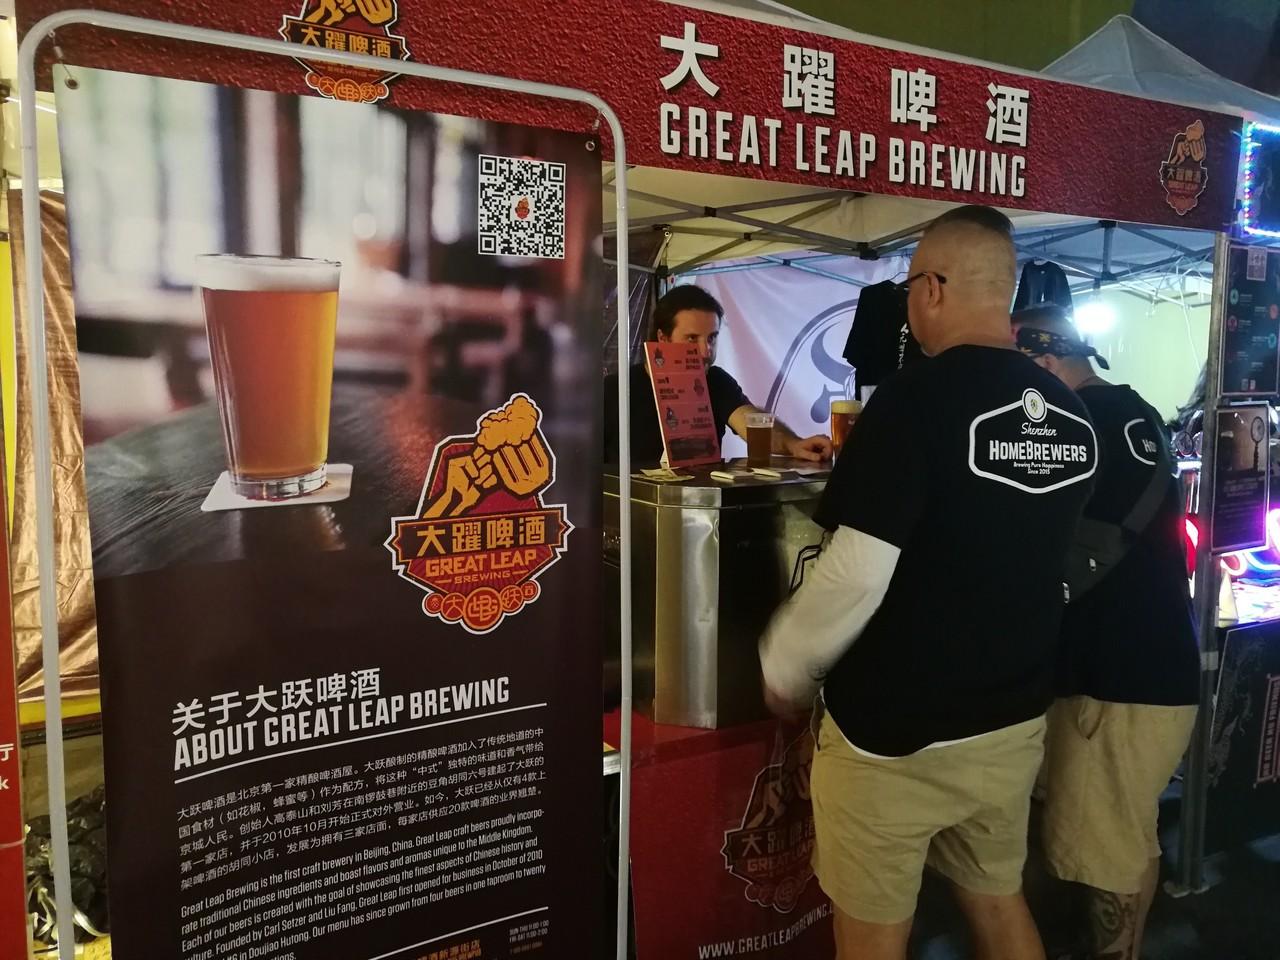 大躍進ビール! 深センクラフトビアフェス  文革が完全にノスタルジーの中になったことを告げる。 若い中国人のブルワリーオーナーが北京で運営中